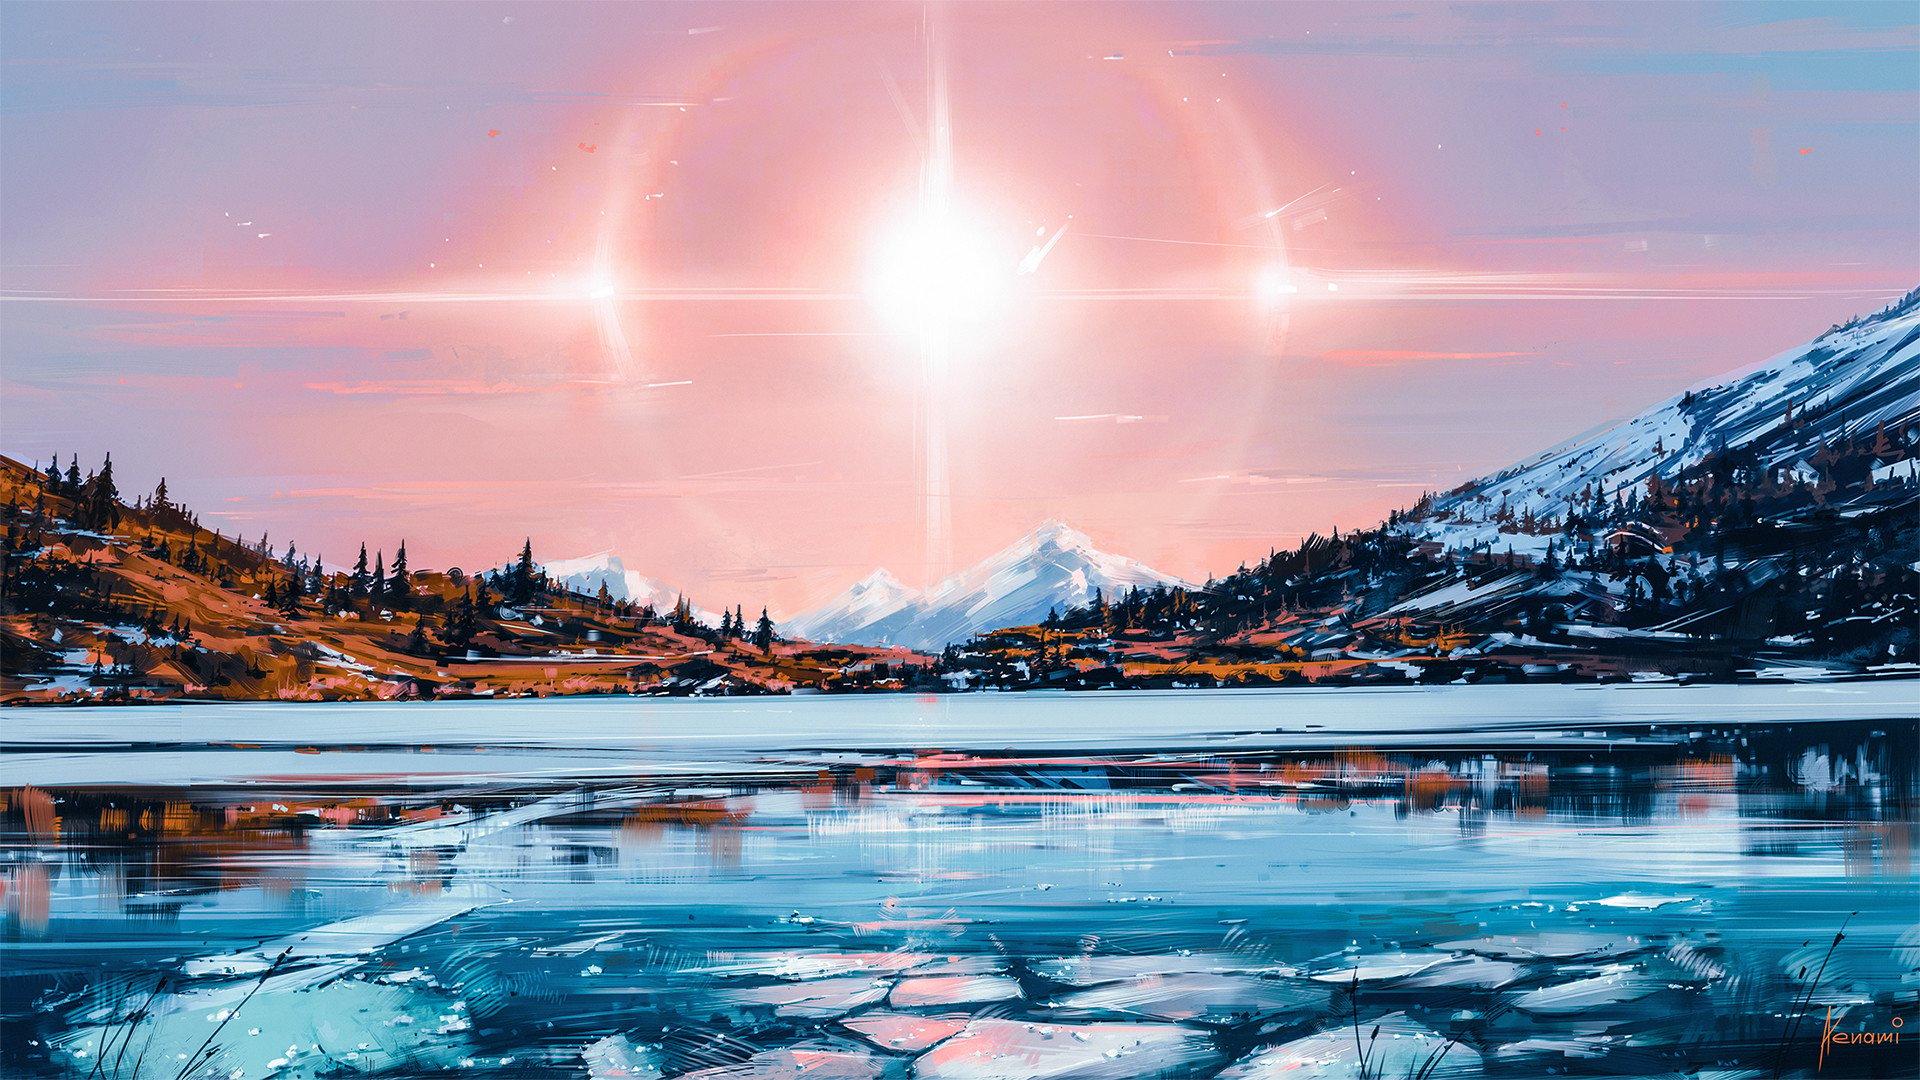 Fondos de pantalla Ilustración de paisaje en lago con hielo